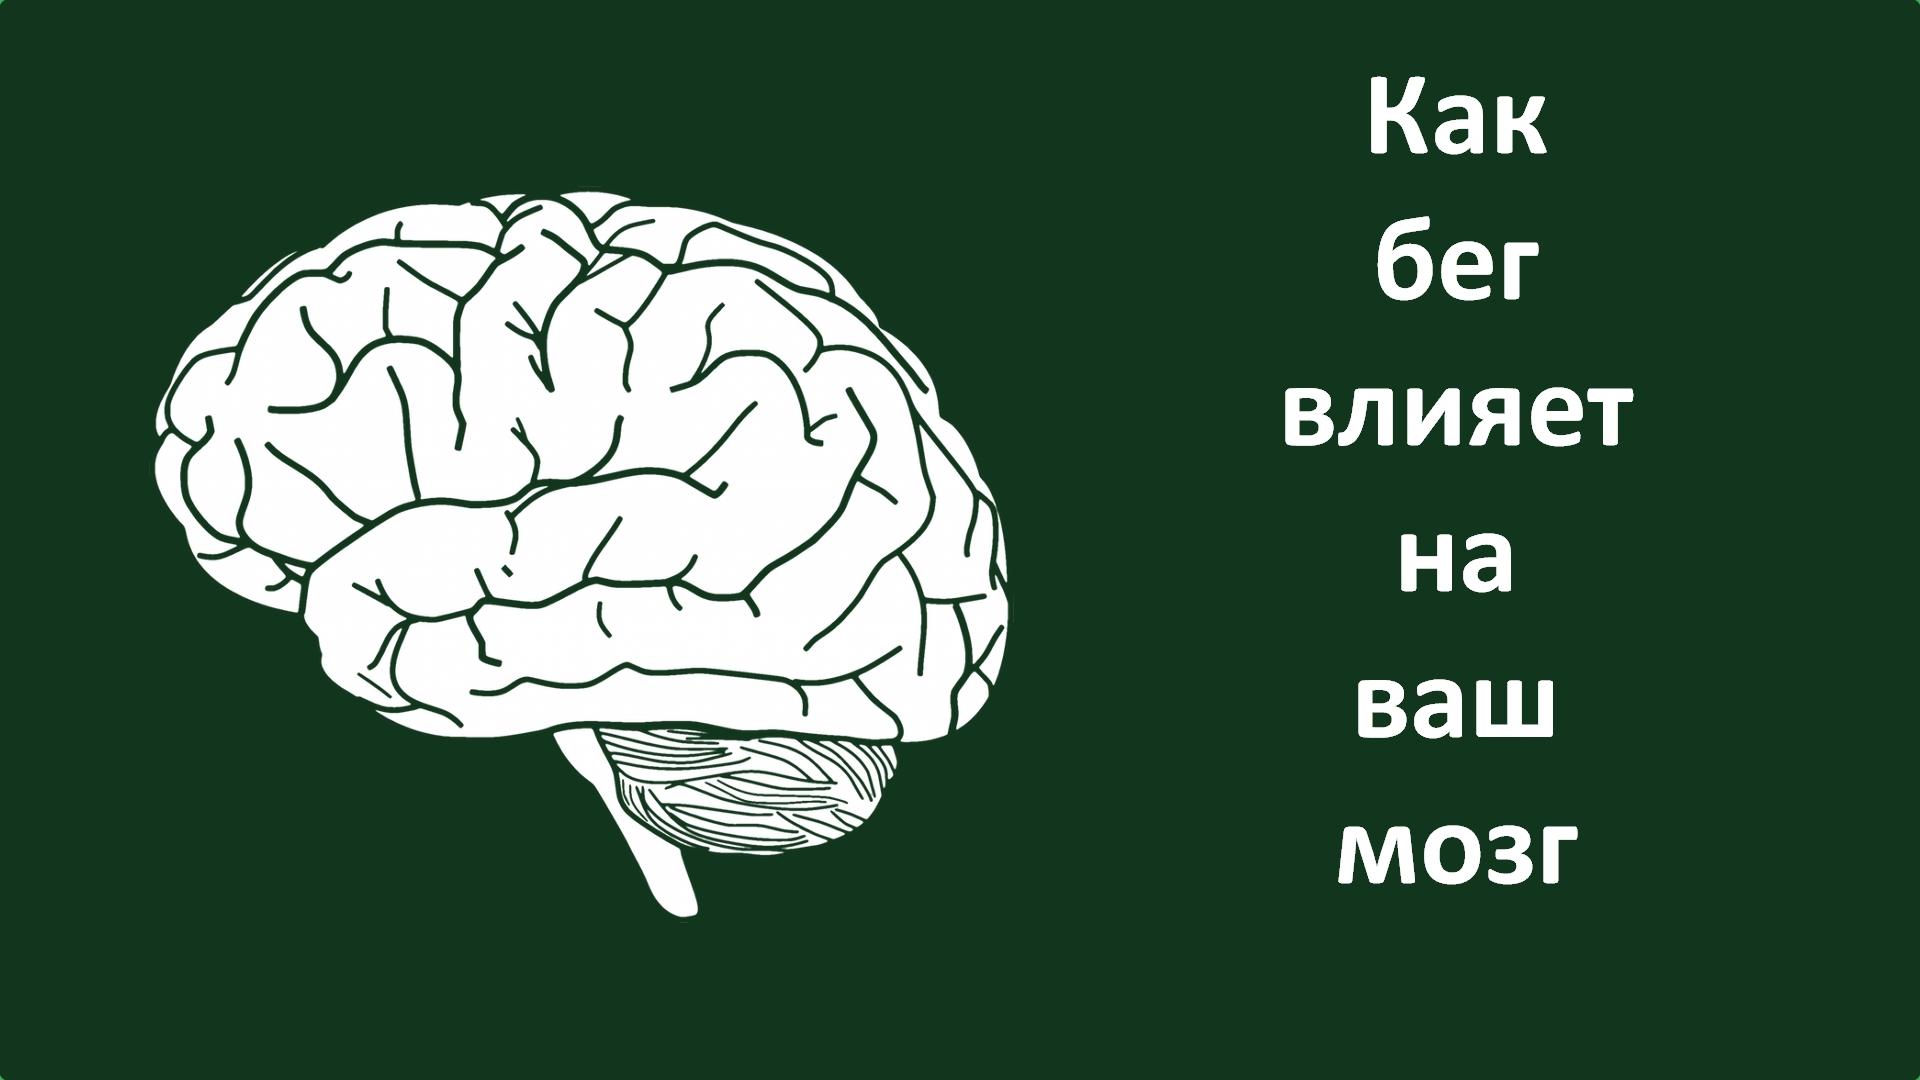 Как бег влияет на ваш мозг